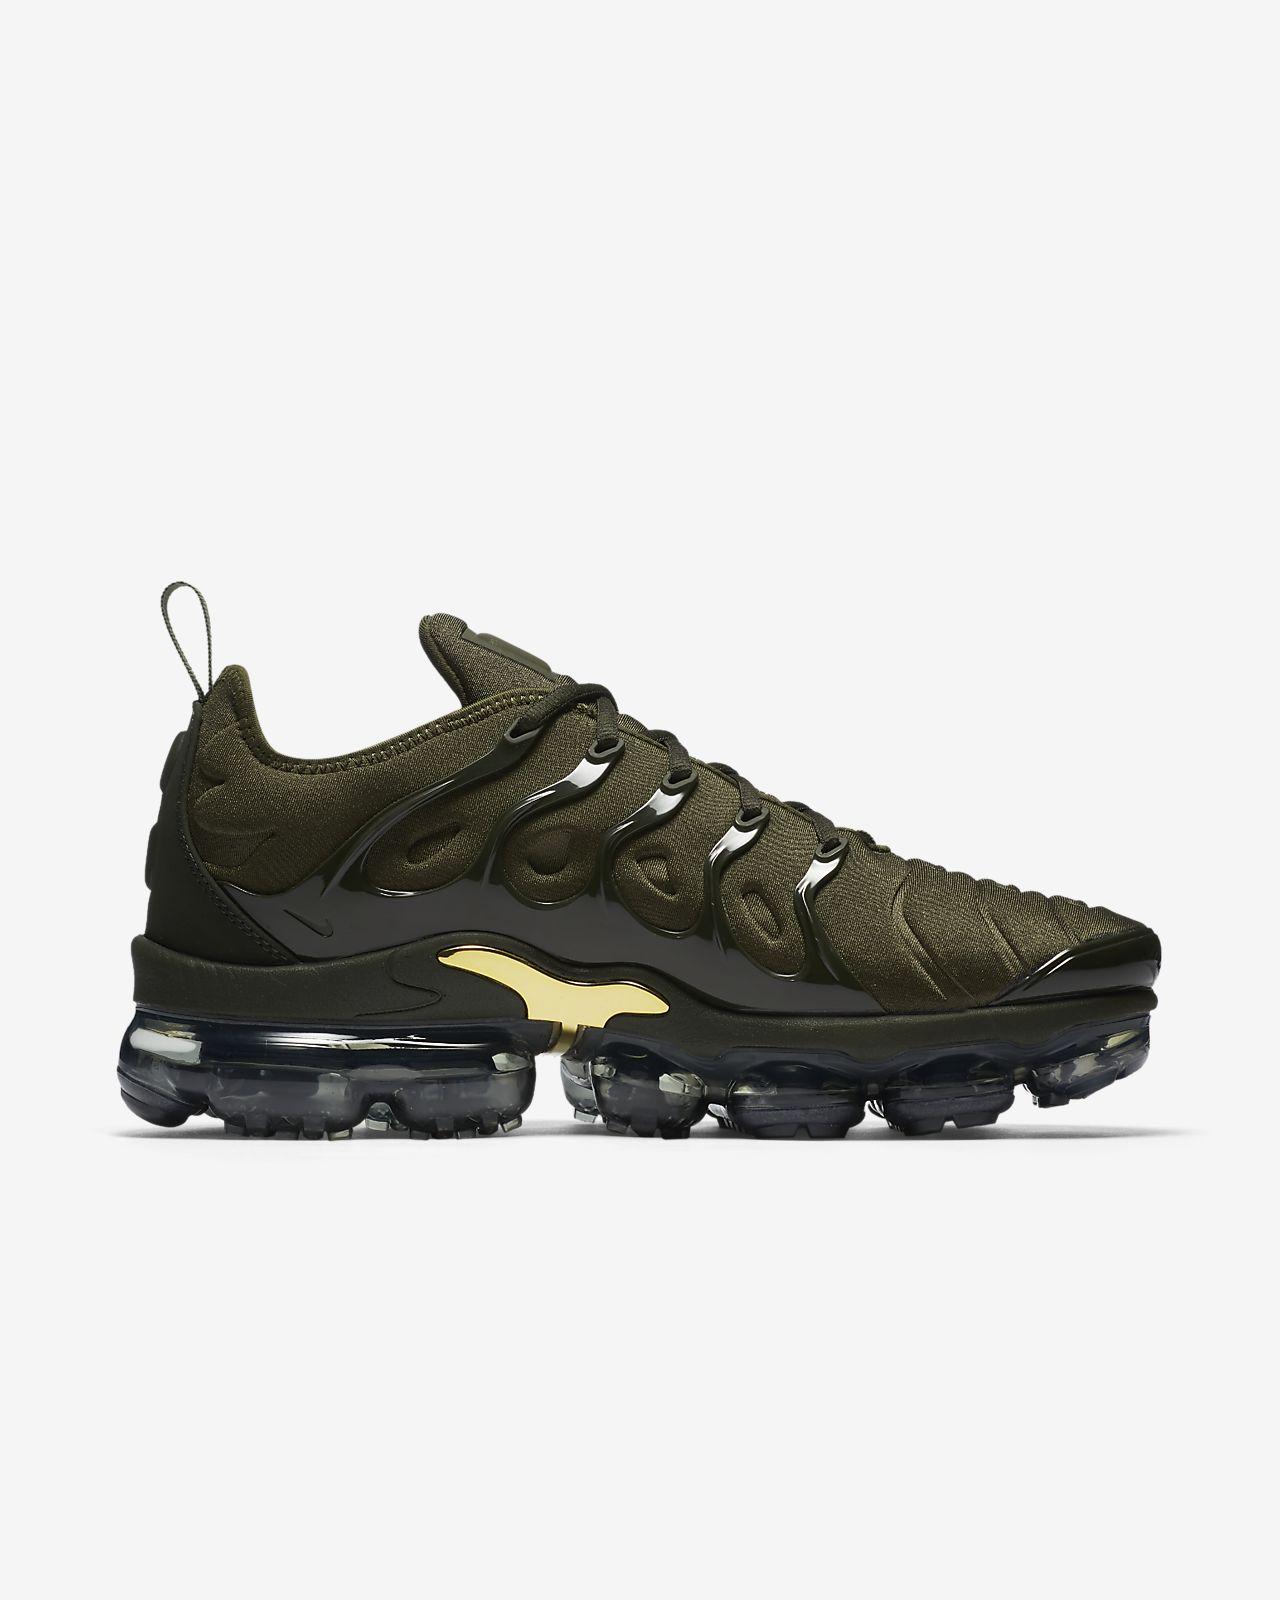 sports shoes 779b3 3b306 Air Jordan 1 Retro High Premium GG Heiress Camo  shoes sale 09dff df348 .